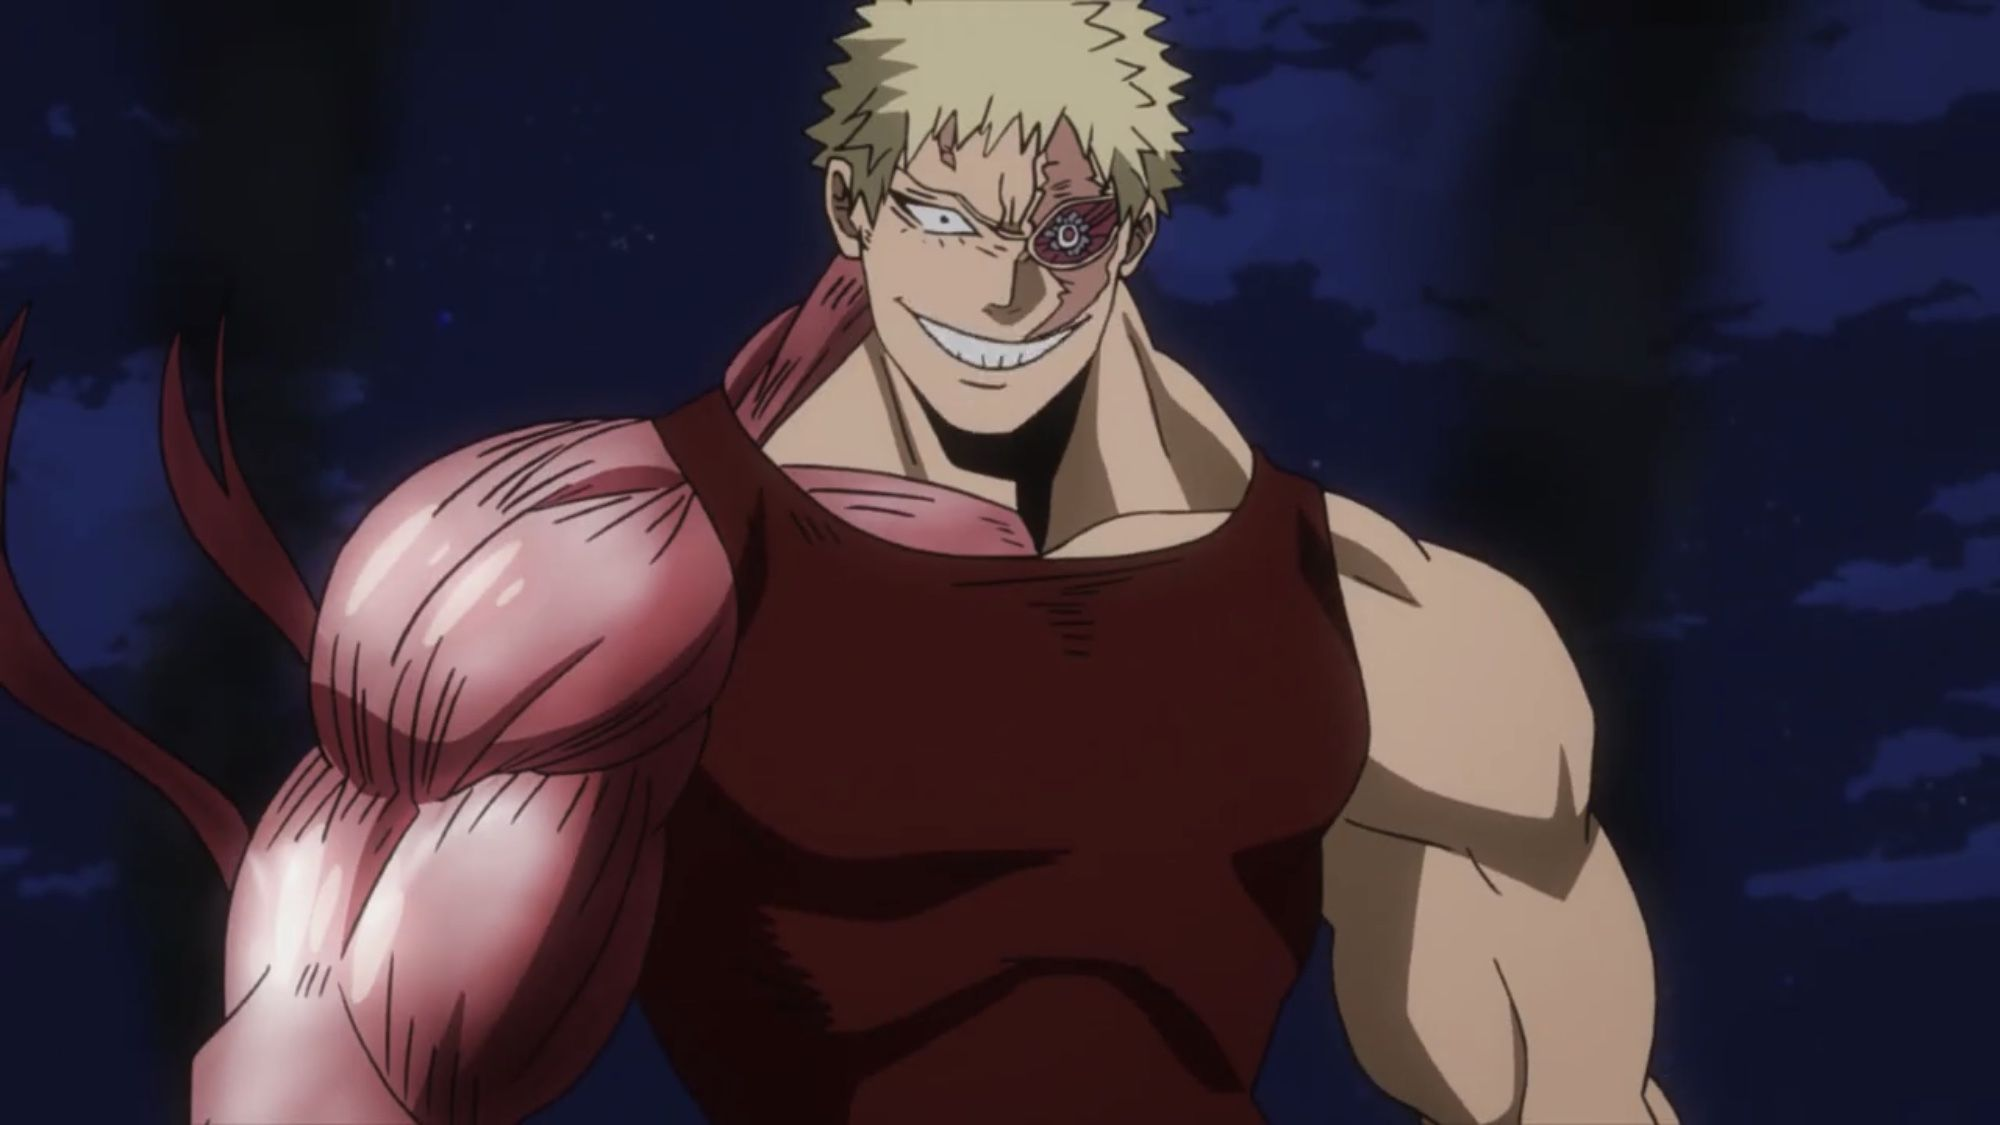 Muscular Boku No Hero Academia Boku No Hero Academia Hero My Hero